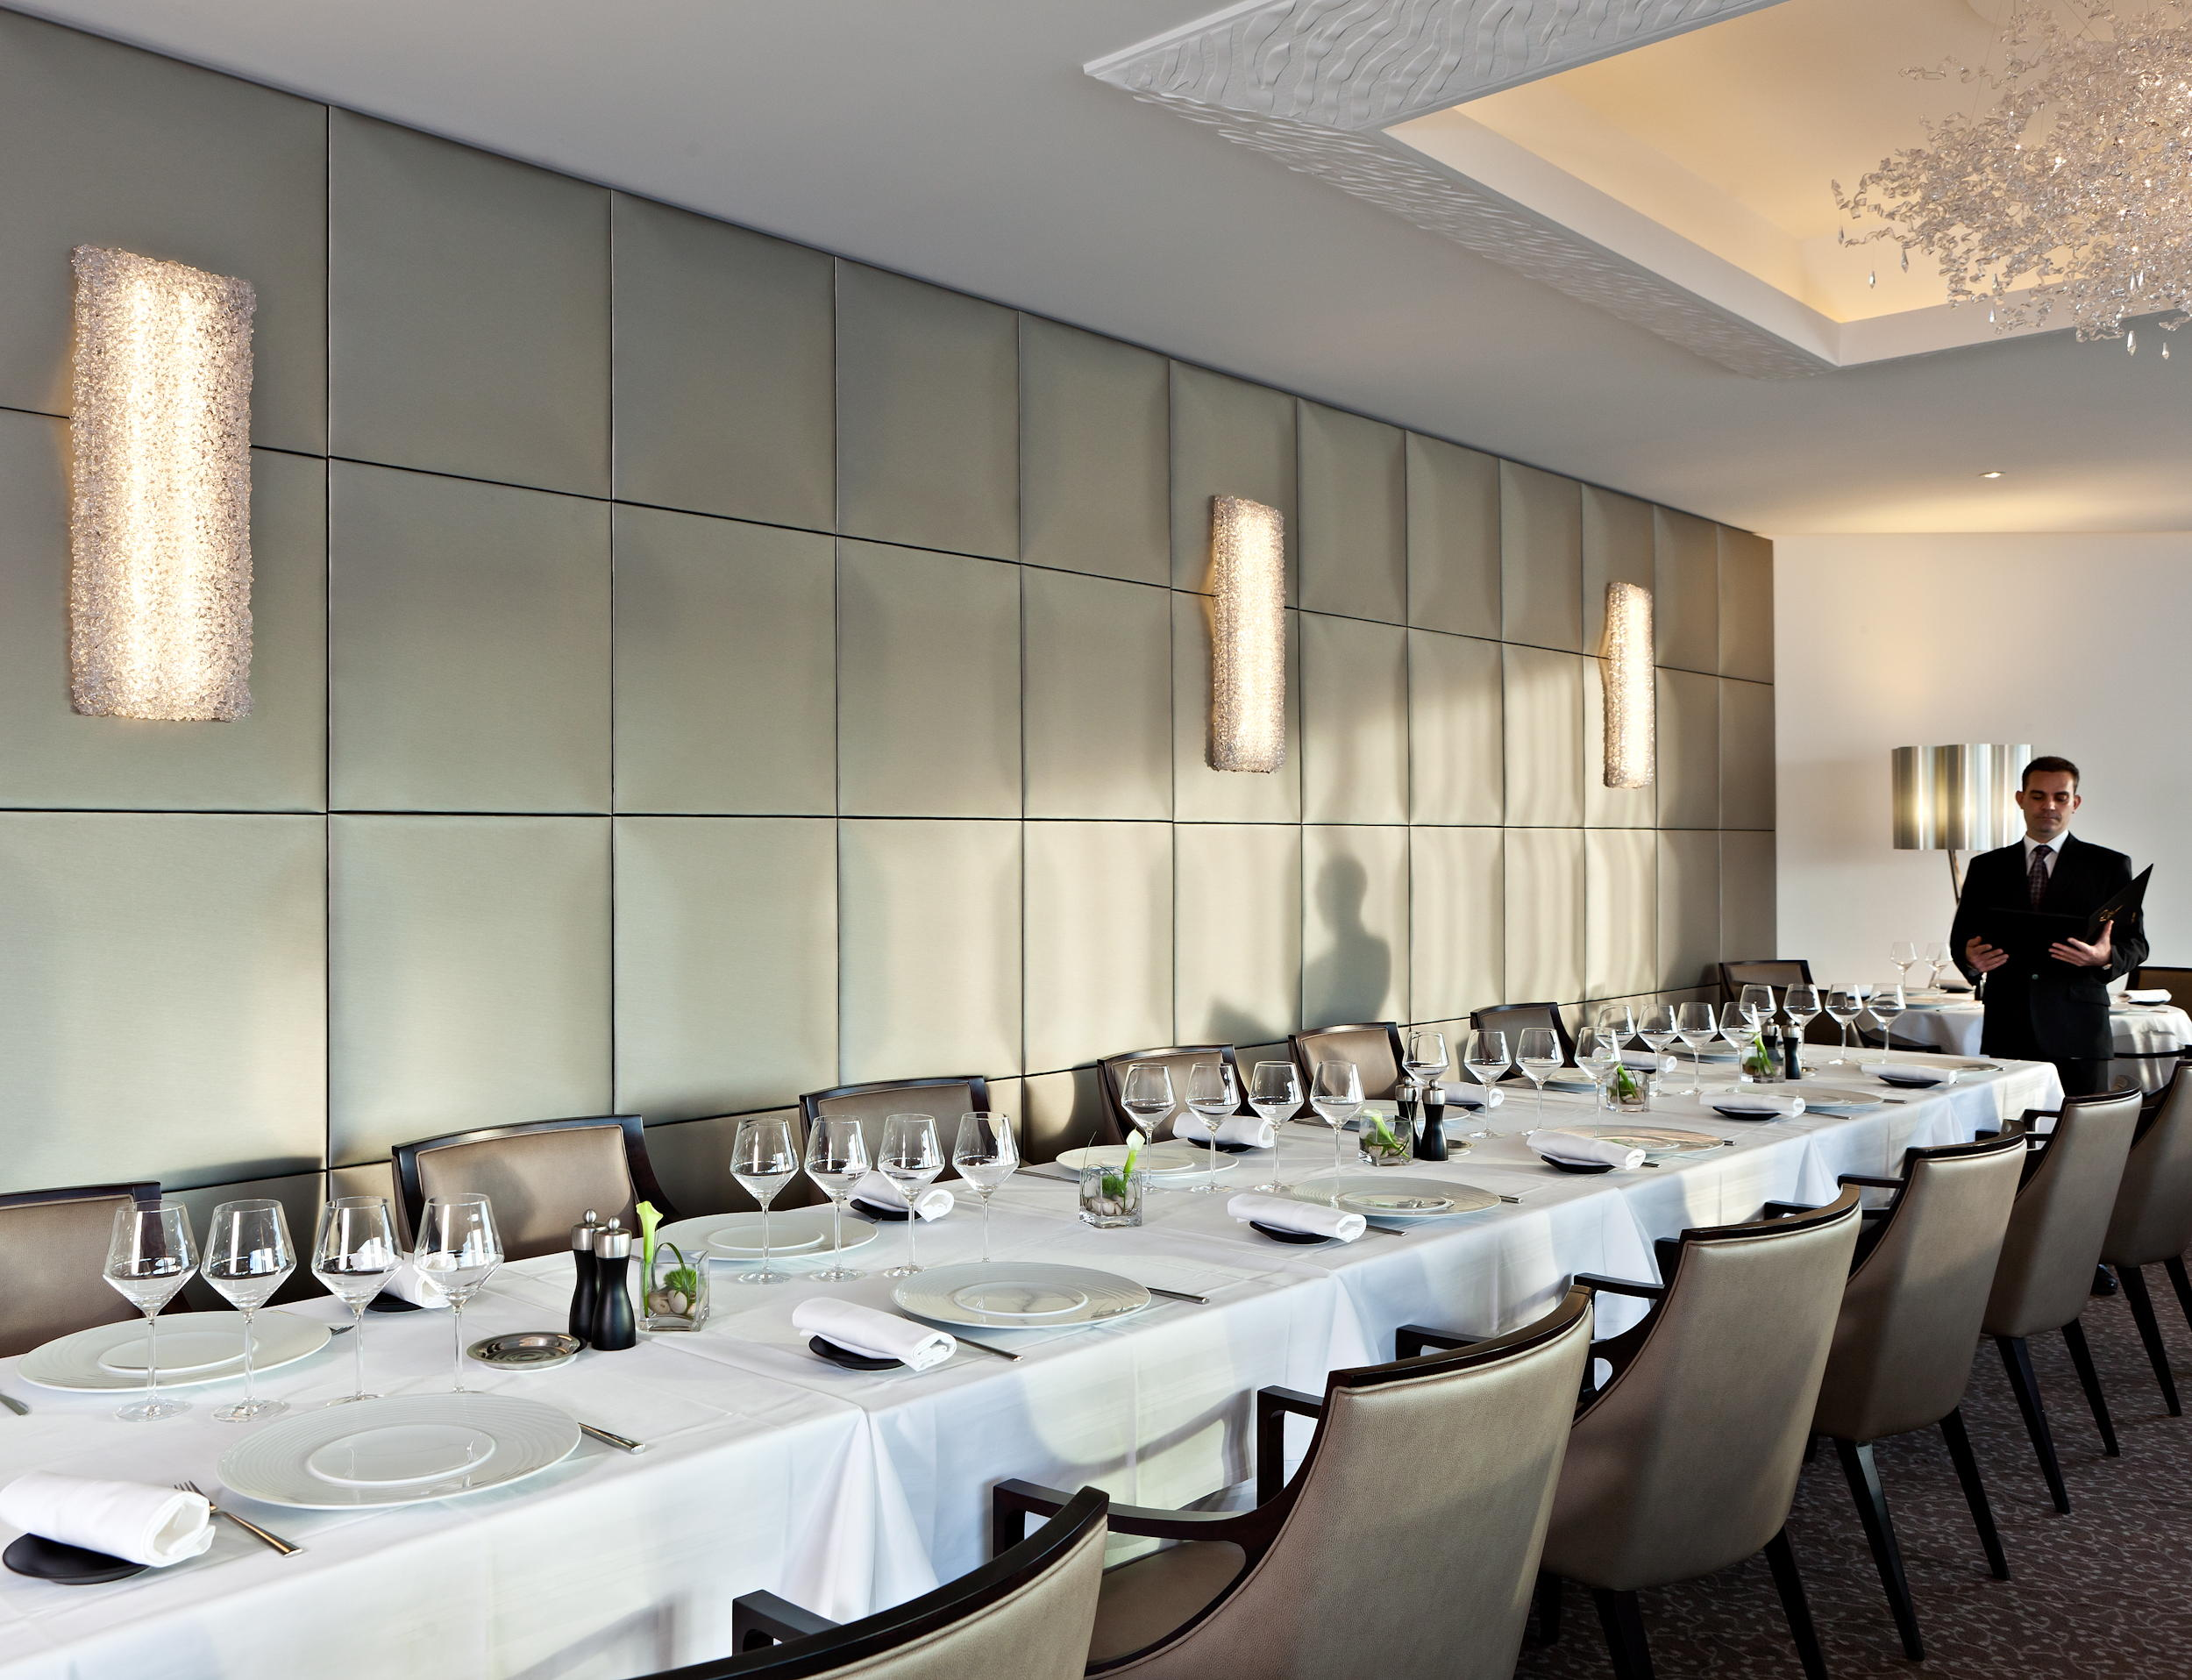 bp-ilerousse-restaurant-008.jpg